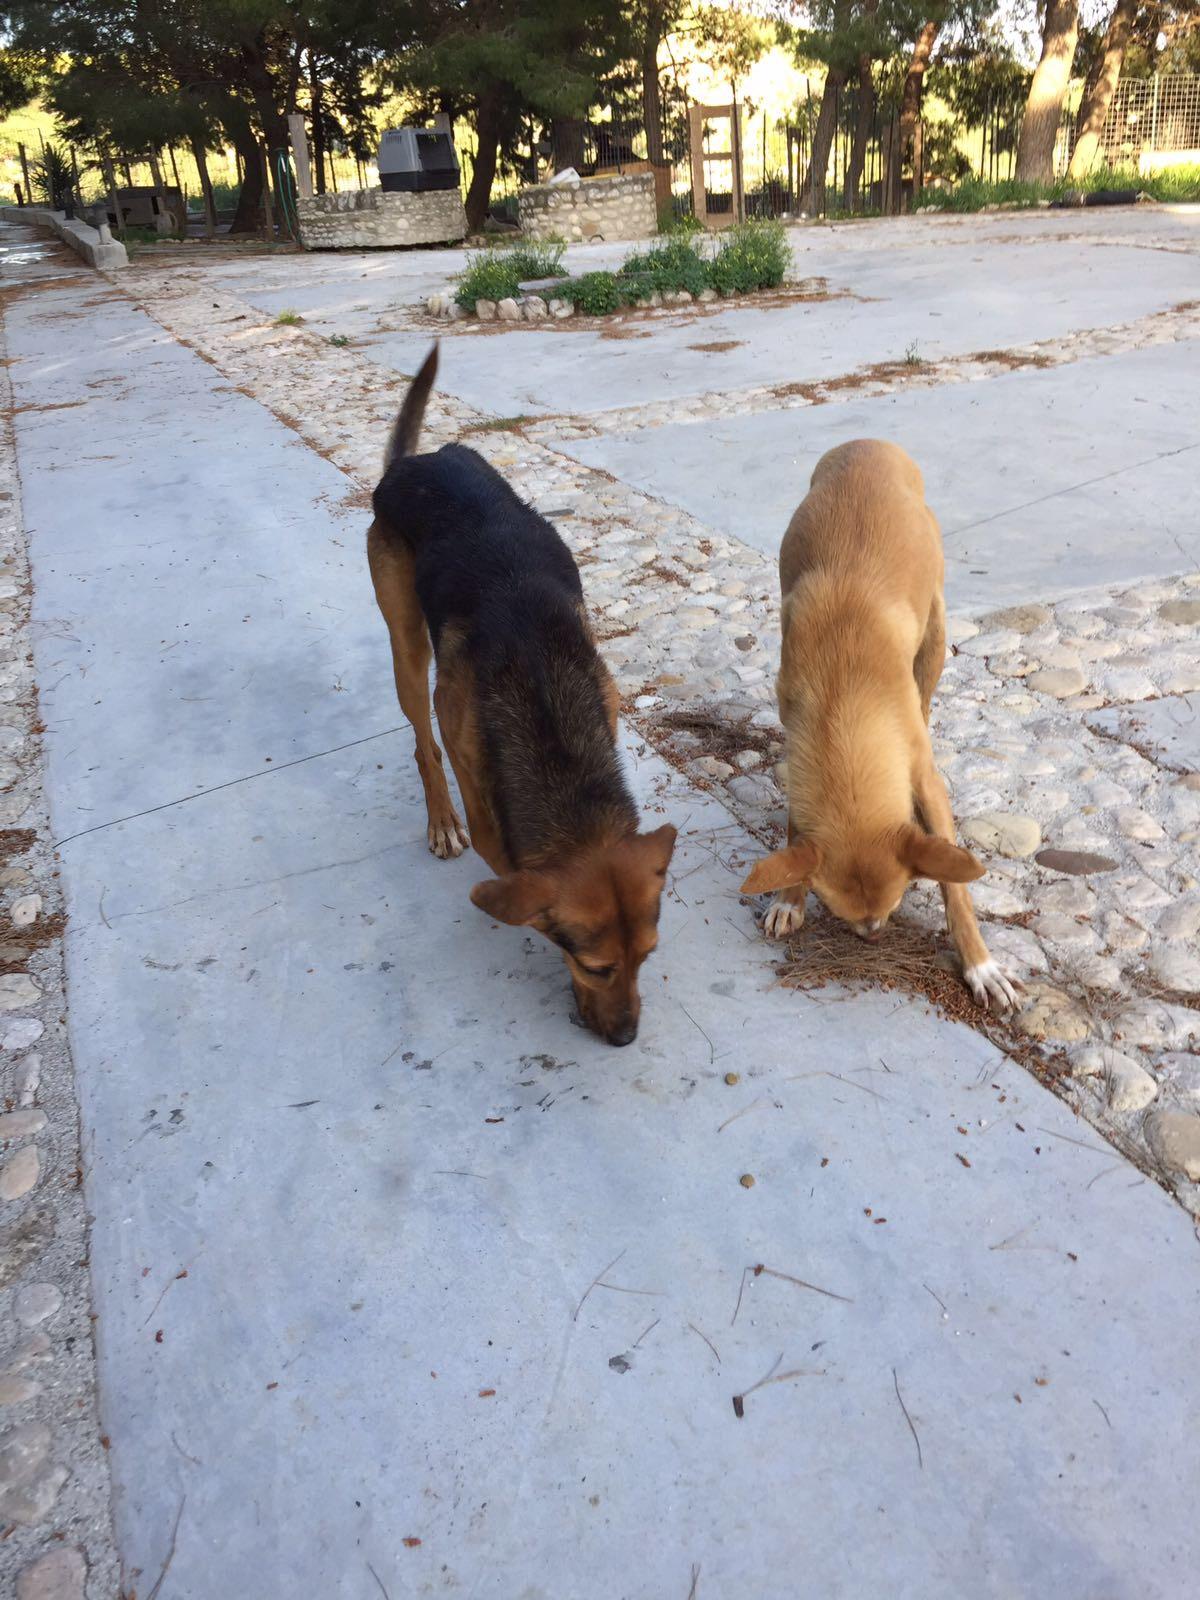 Lilly and spadino